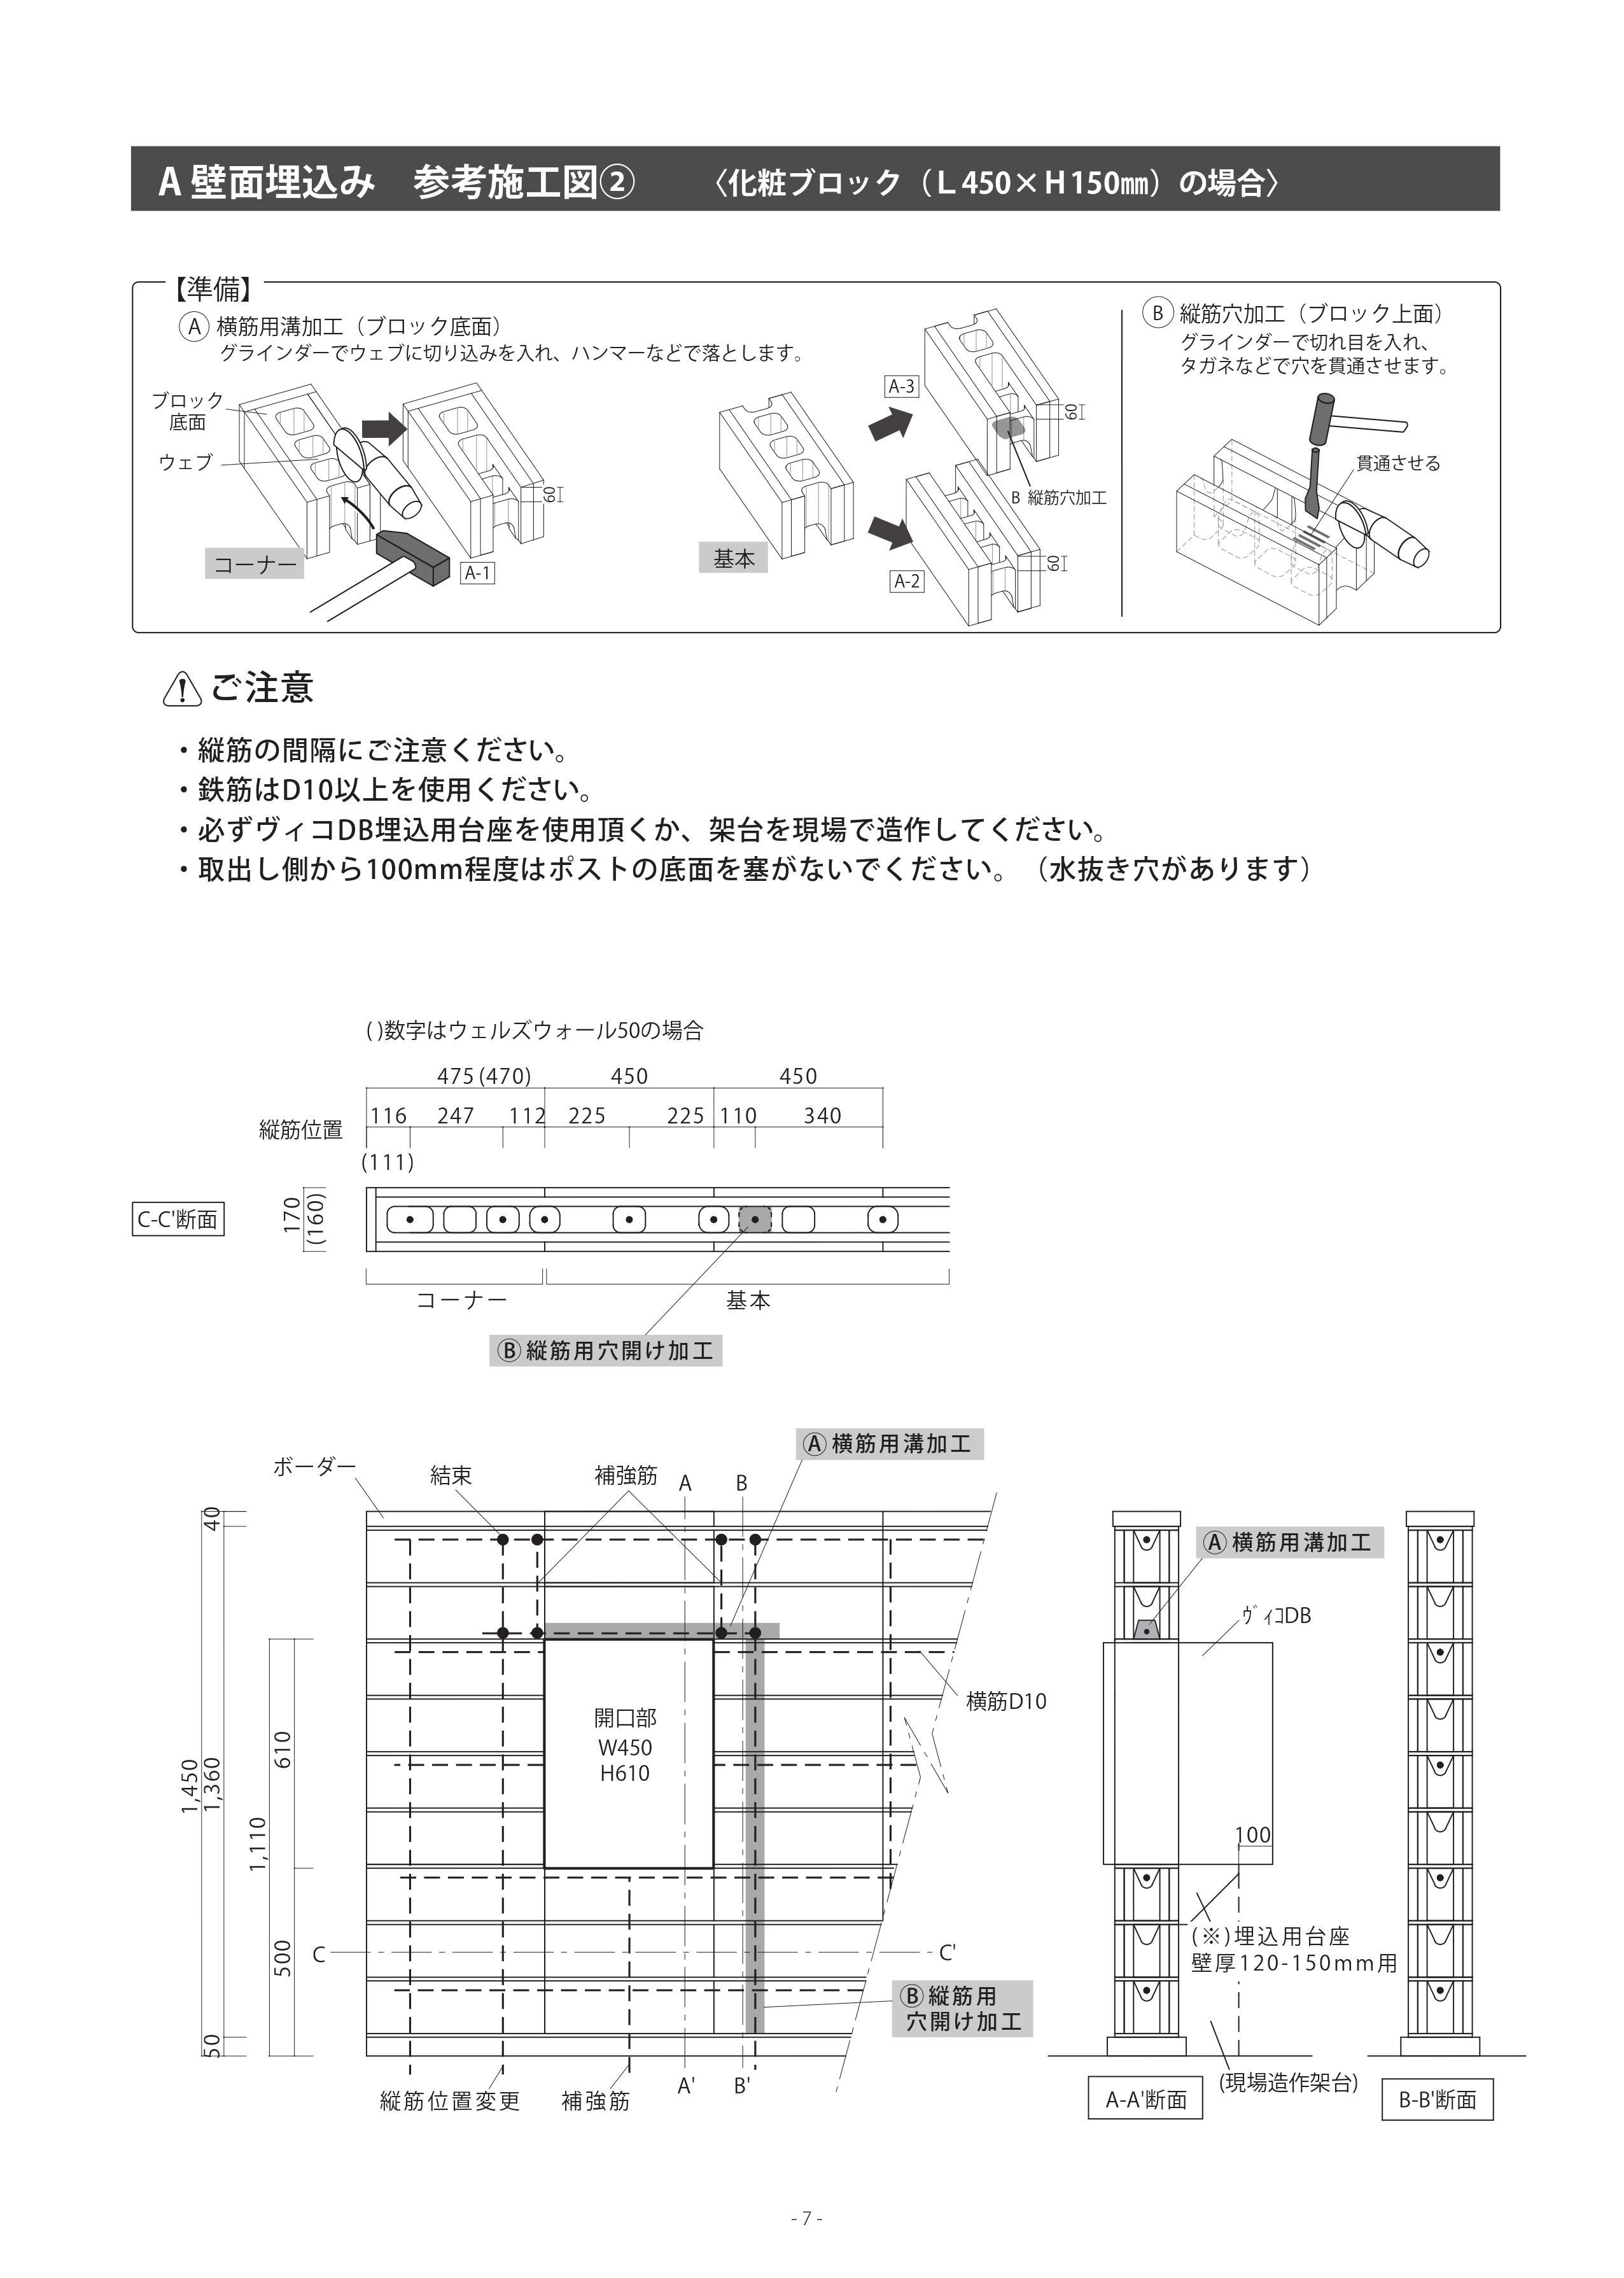 ヴィコDB埋込用台座_取扱説明書 (15)